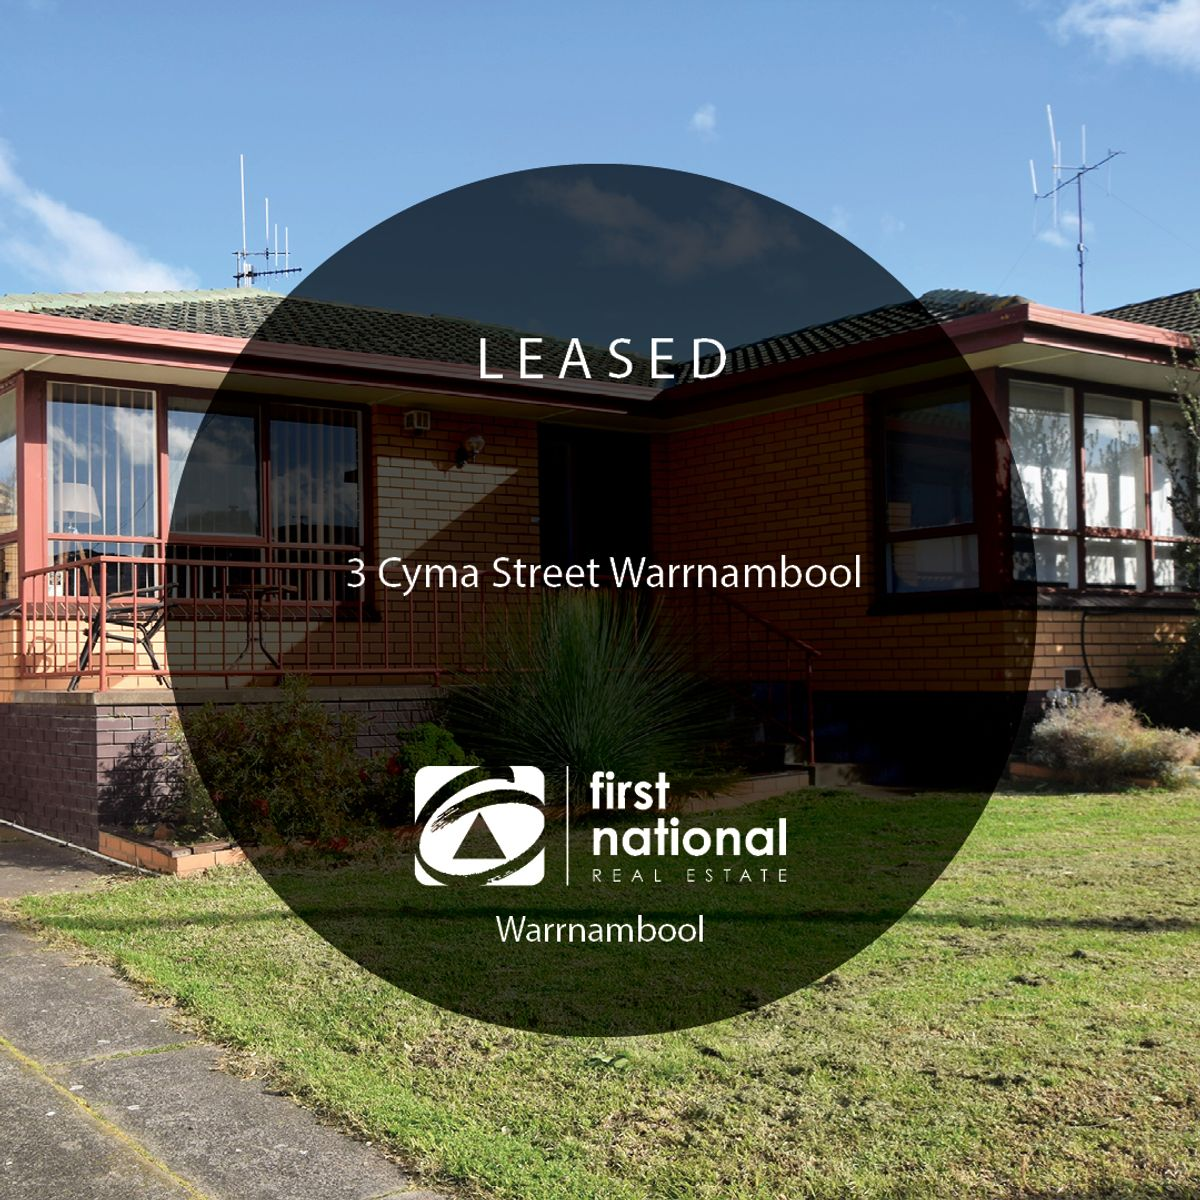 3 Cyma Street, Warrnambool, VIC 3280